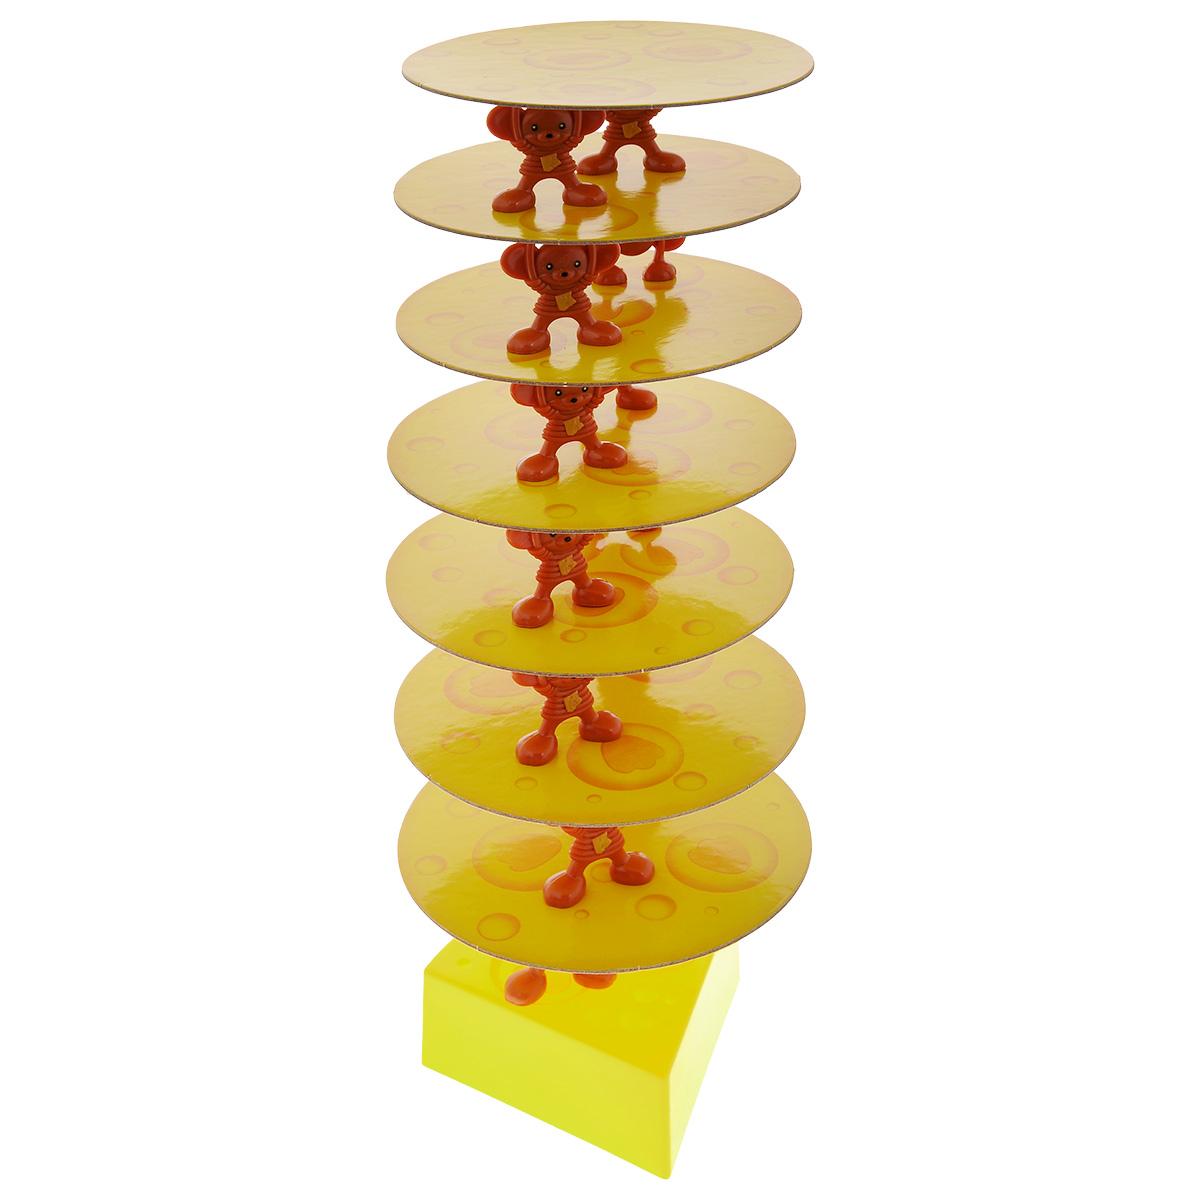 Настольная игра Zilmer Сырная башняZIL0501-009Zilmer Сырная башня - это увлекательная настольная игра, которая прекрасно подойдет не только для детей, но и для игры всей семьей. Основная цель игры состоит в том, чтобы участники игры поочередно ставили мышат на пластинки из сыра, создавая башню, которая будет разрастаться с мимолетной скоростью. Поддерживать башню своими лапками как раз и будут мышата. Чтобы повысить сложность игры для вашего противника и увеличить шансы на свою победу, вы можете поставить мышек на края конструкции вражеской башни. Игра способствует развитию мелкой моторики, логического мышления и коммуникабельности. Игра для 2-4 человек. В комплекте: игровая база, 7 пластинок сыра, 14 фигурок мышат.